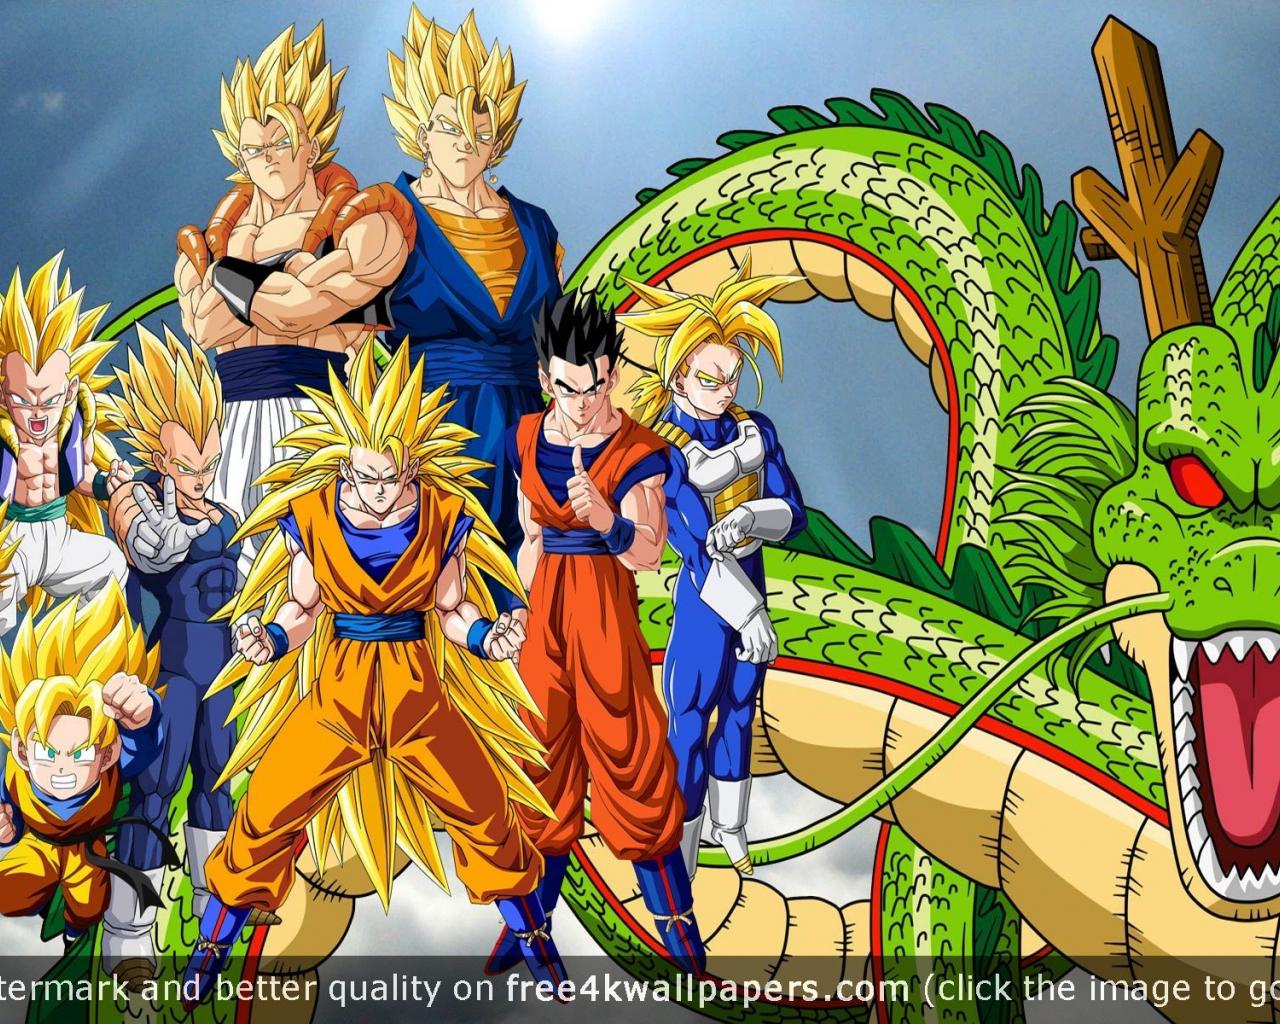 Anime Wallpaper Hd Dragon Ball Z 4k Phone Wallpaper